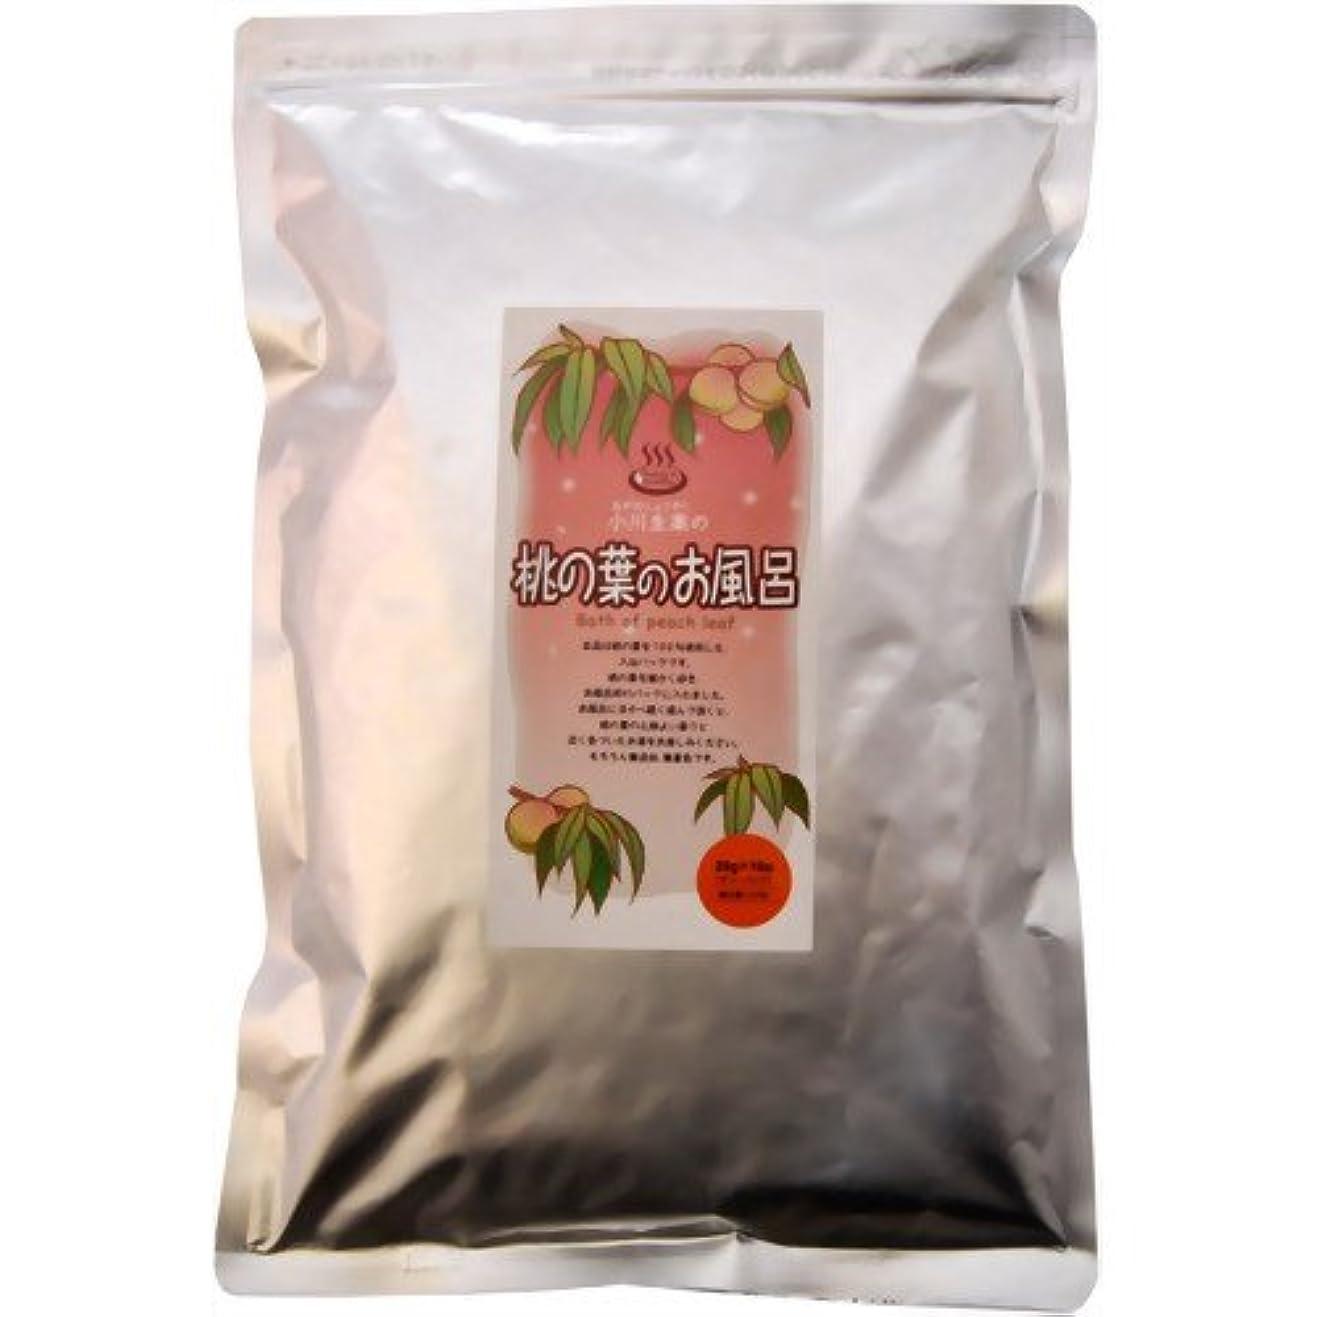 絡み合いモジュールブランデー小川生薬の桃の葉のお風呂 20g*10袋